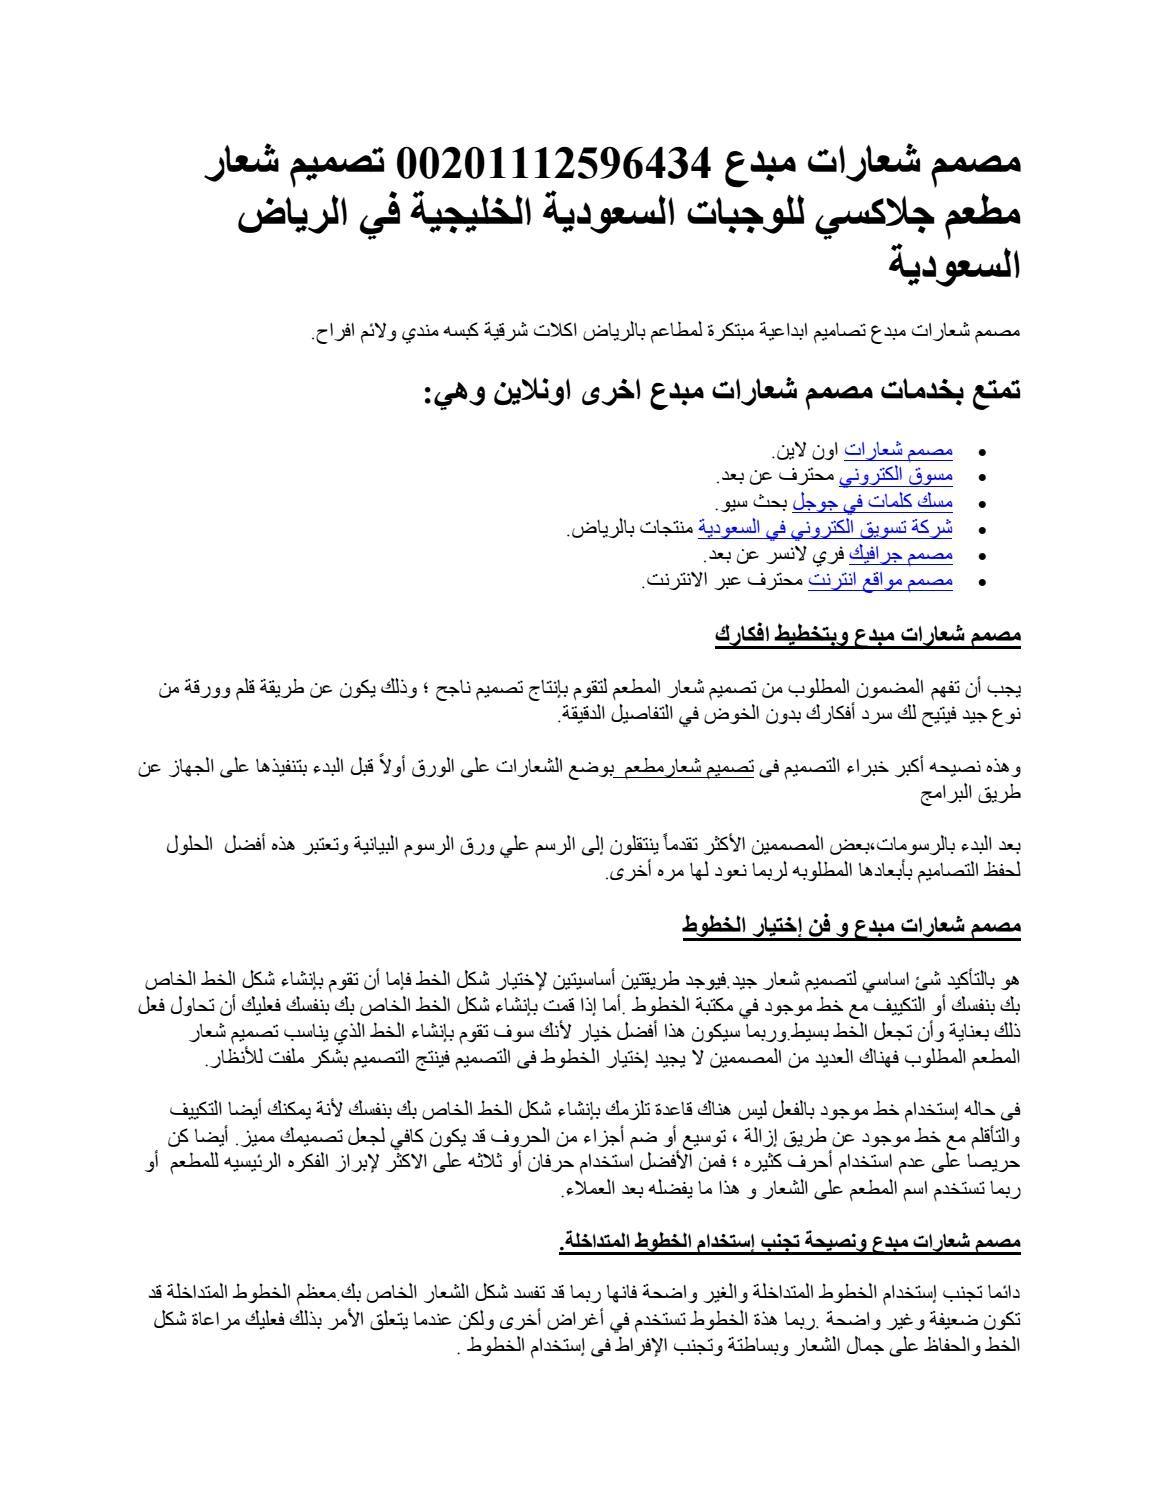 مصمم شعارات مبدع تصميم شعار مطعم جلاكسي للوجبات السعودية الخليجية في الرياض السعودية